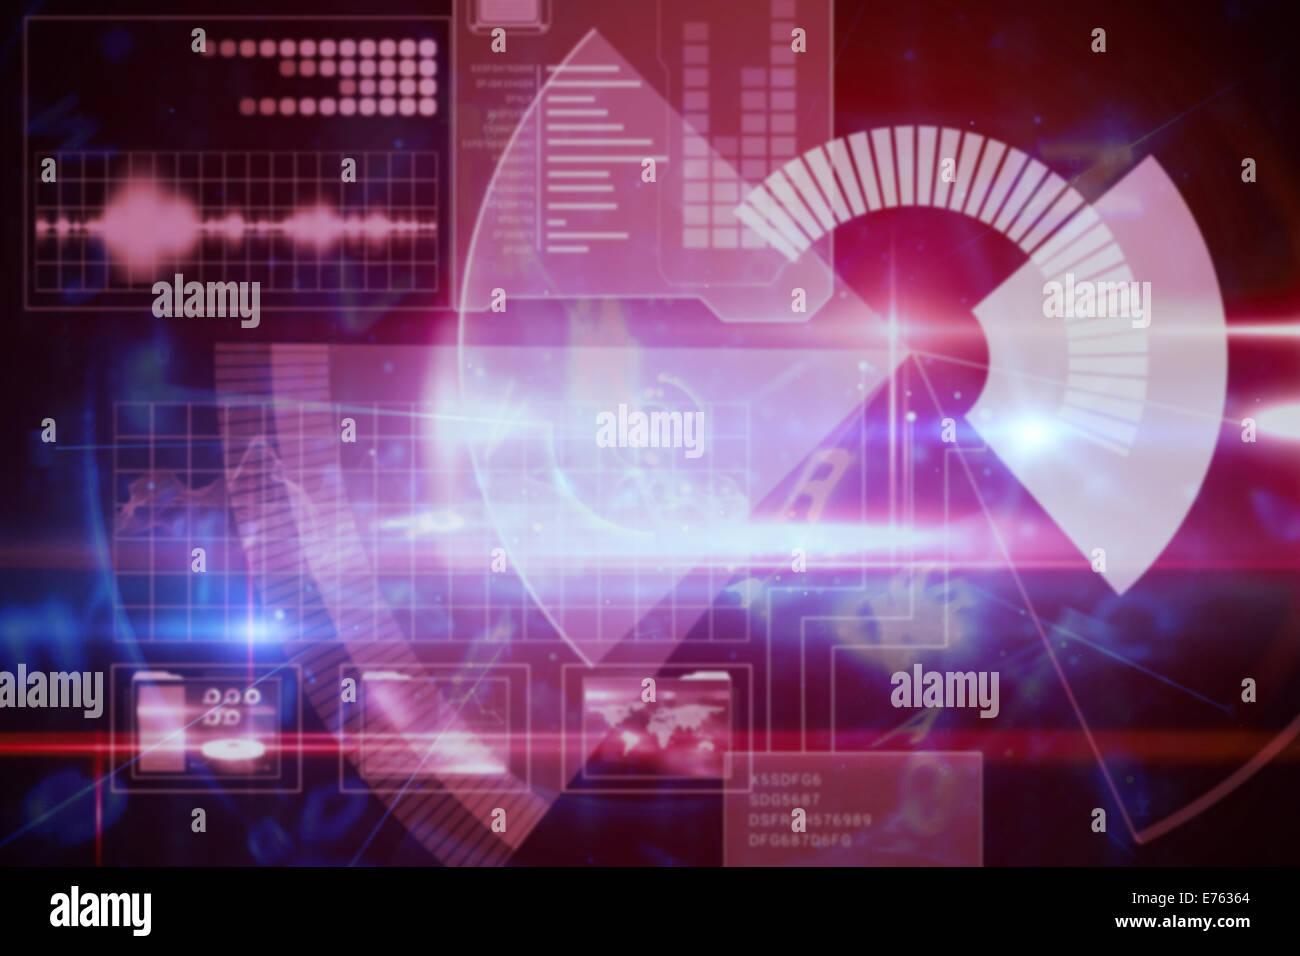 La tecnología digital interface Imagen De Stock